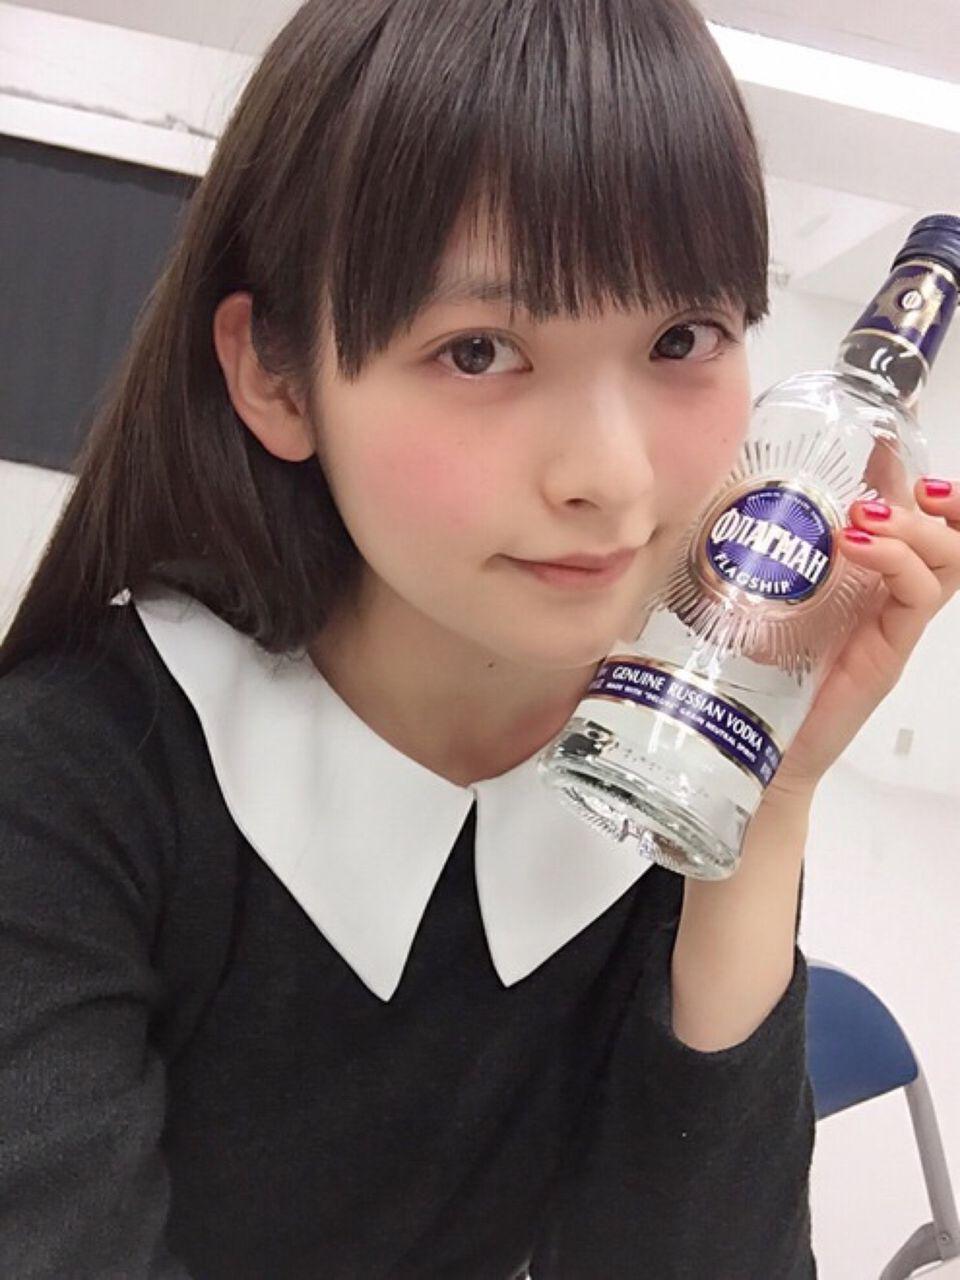 【エンタメ画像】《激シコ》上坂すみれ祭り!!!!!!!!!!!!!!!!!!!!!!!!!!!!w【画像あり】